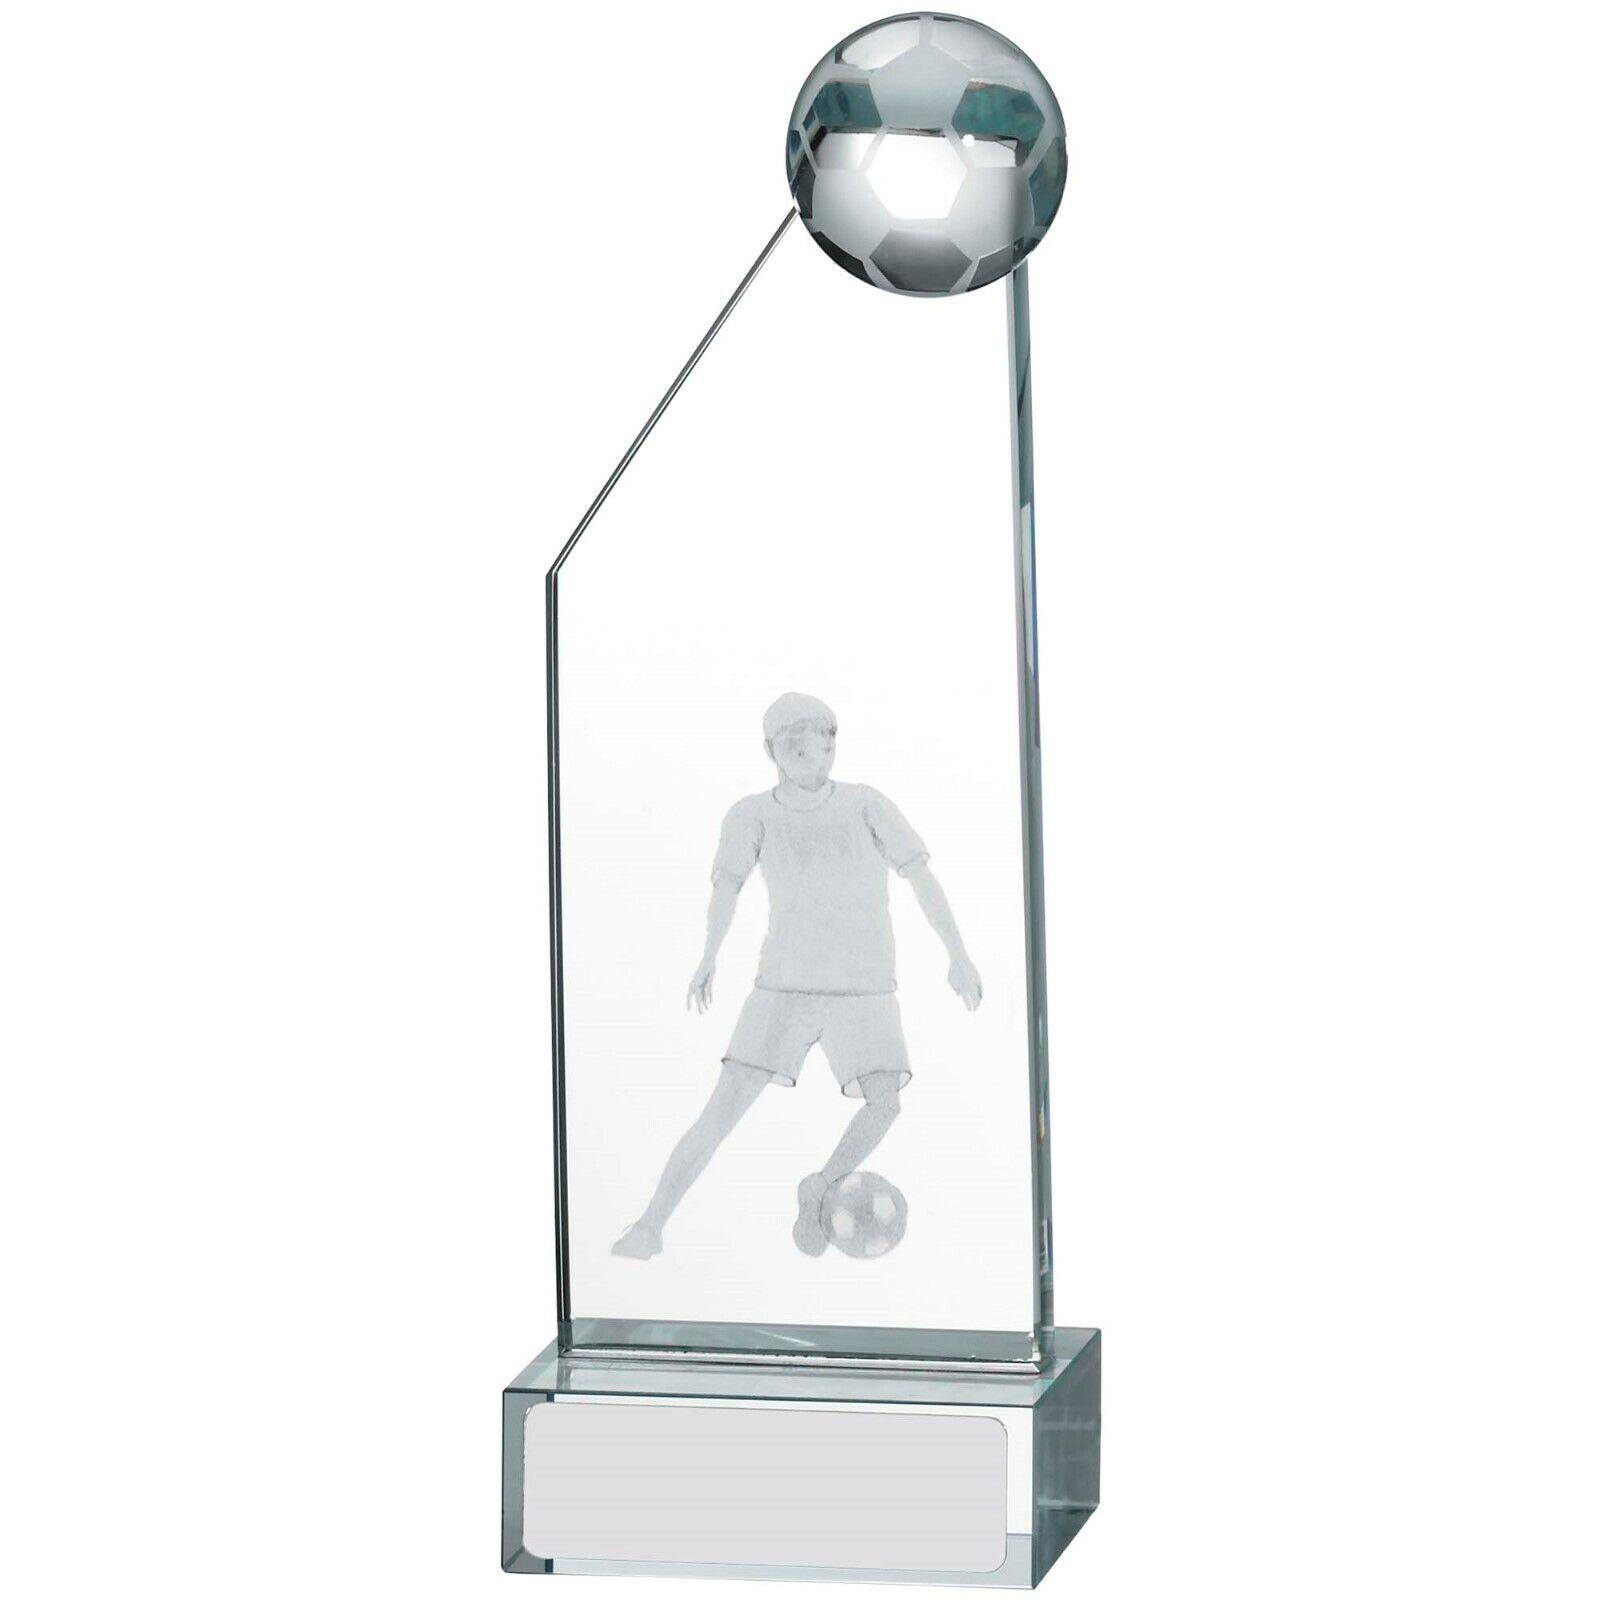 Football Edge Verre Récompense 3D Laser Image Trophée Gratuite Gravure & Soie